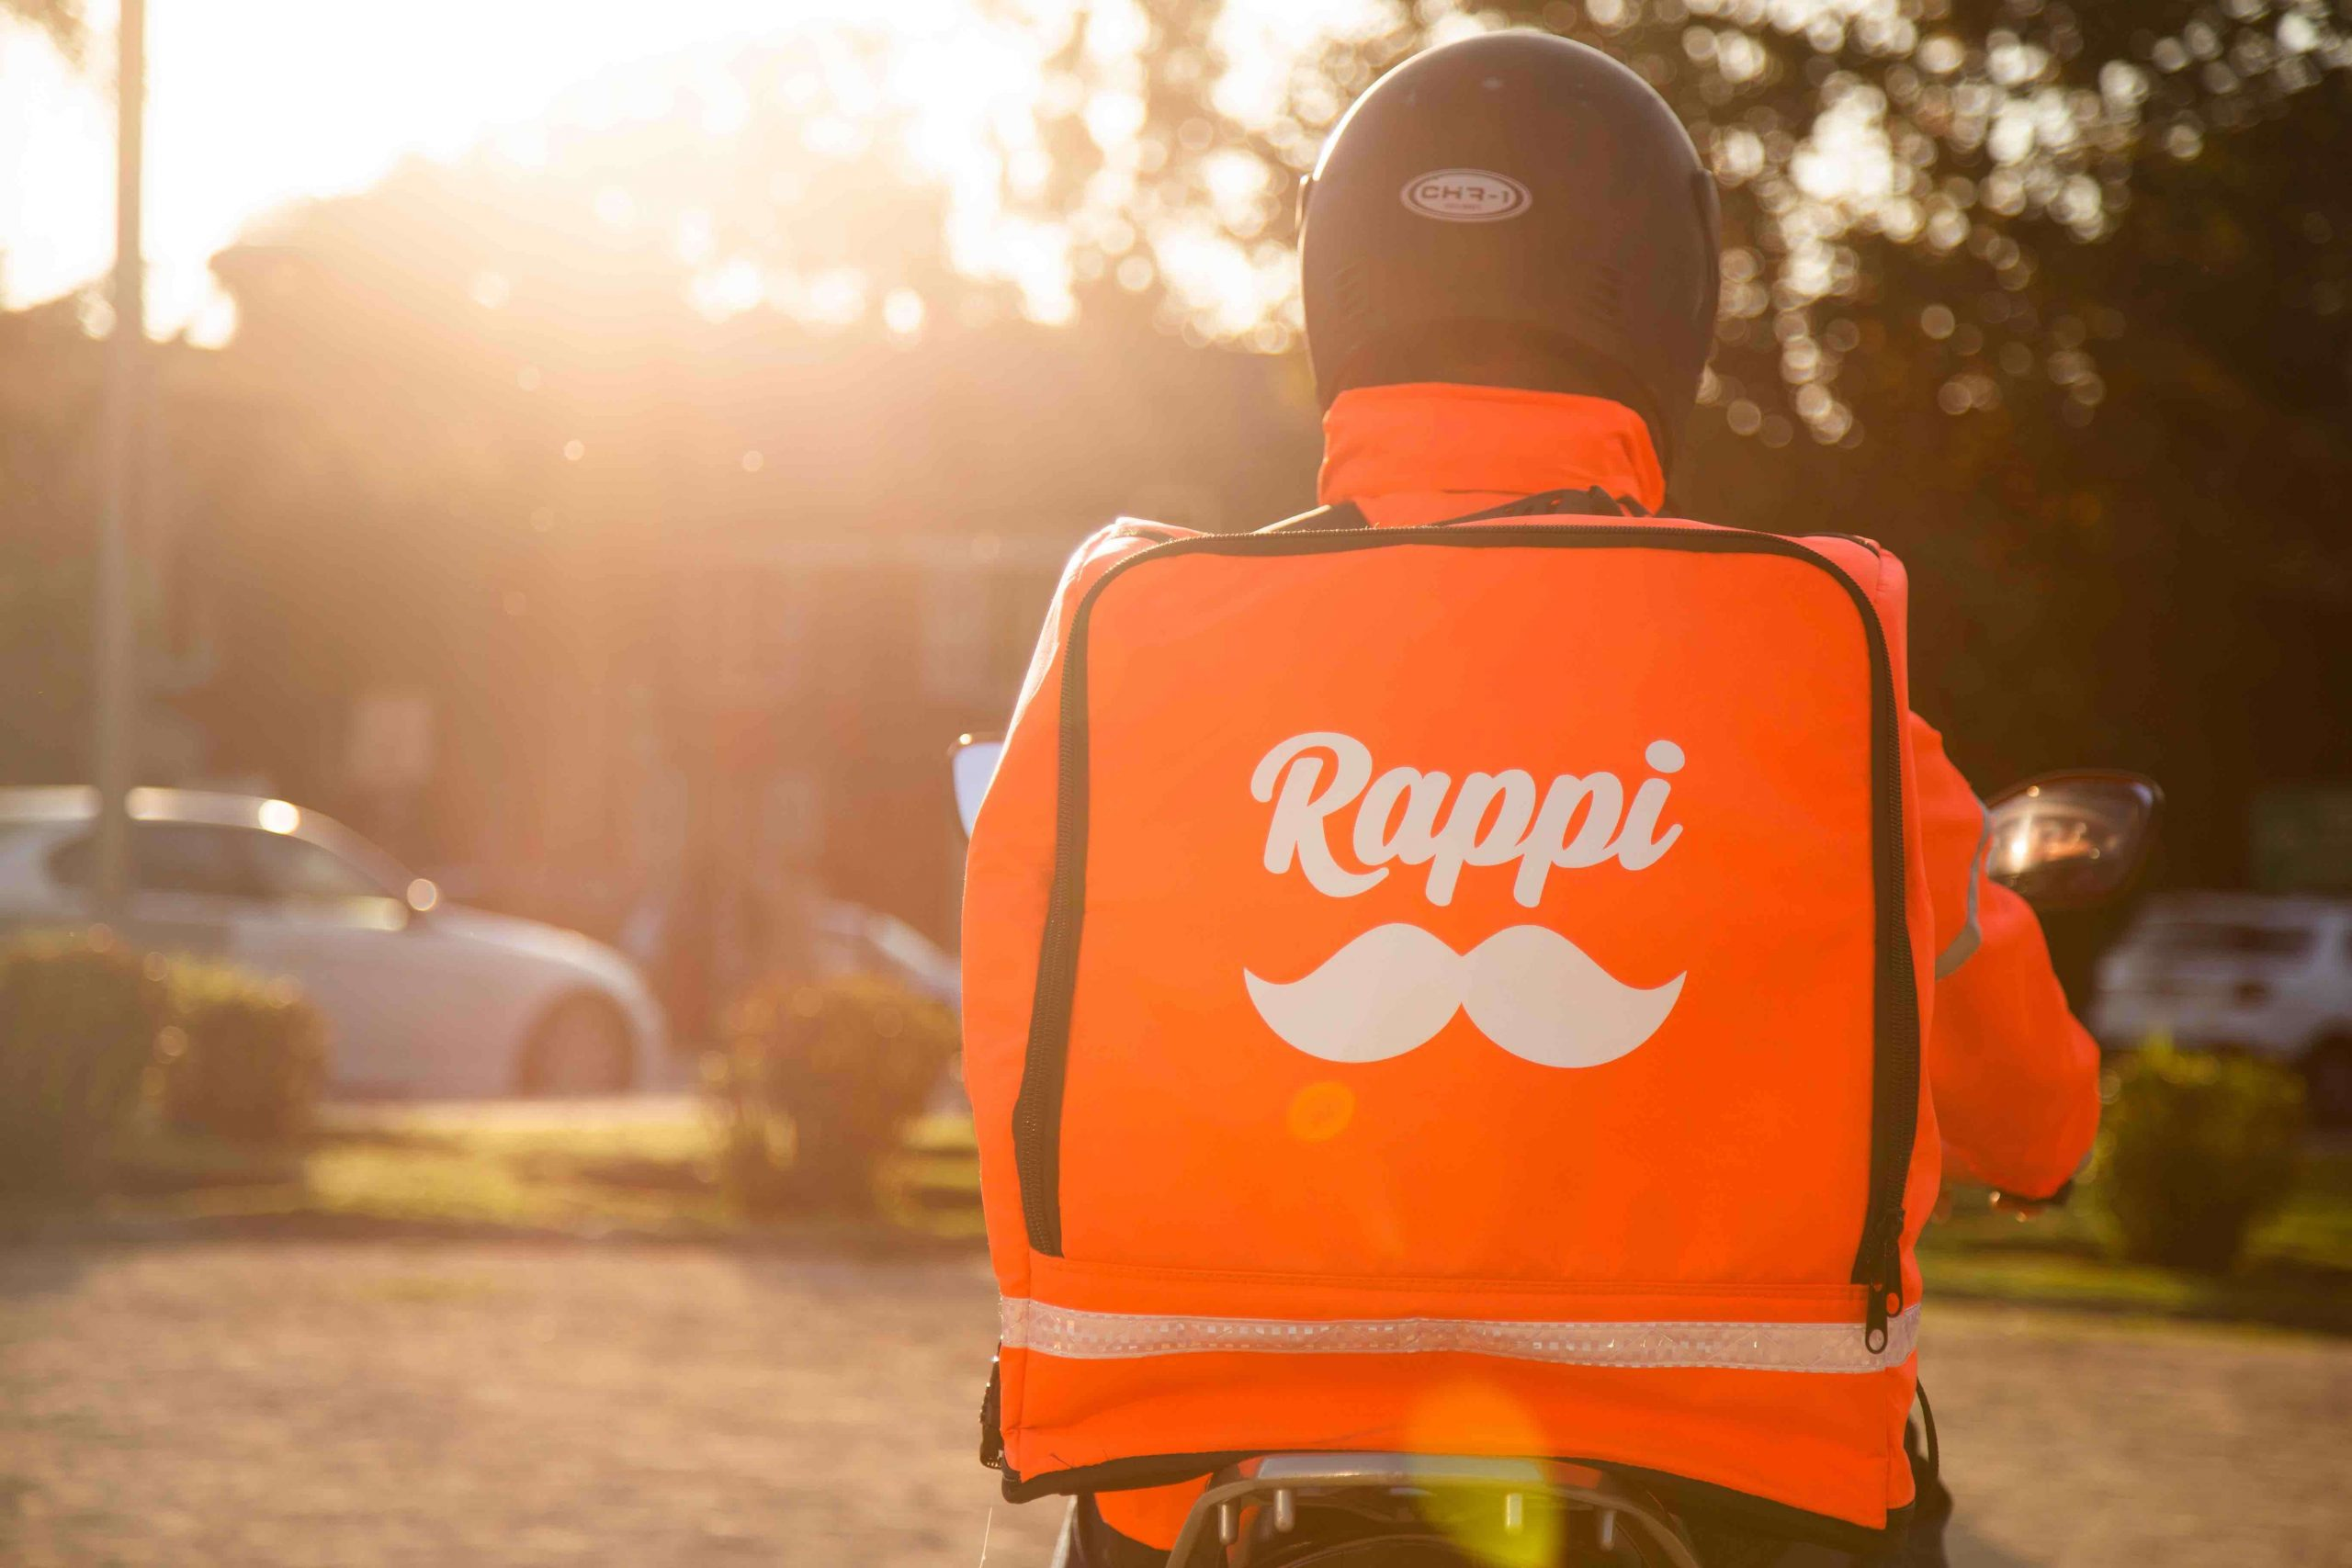 Rappi llega a Punta del Este y refuerza su apuesta en Uruguay con más de 80 comercios en su plataforma